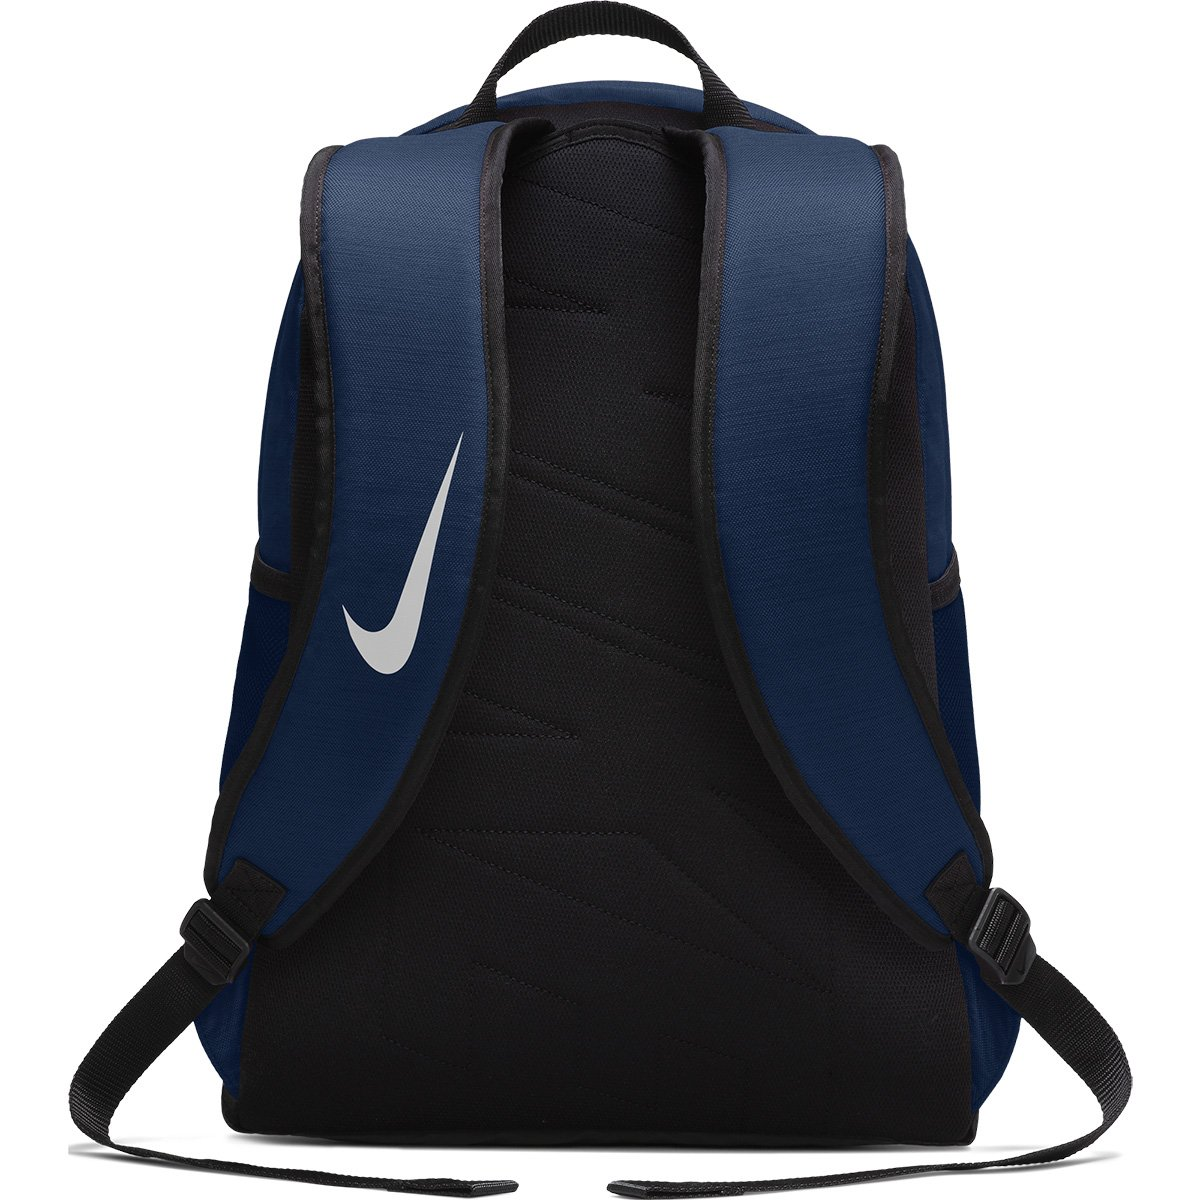 Mochila Nike Brasília - Marinho e Preto - Compre Agora  71d0480939541